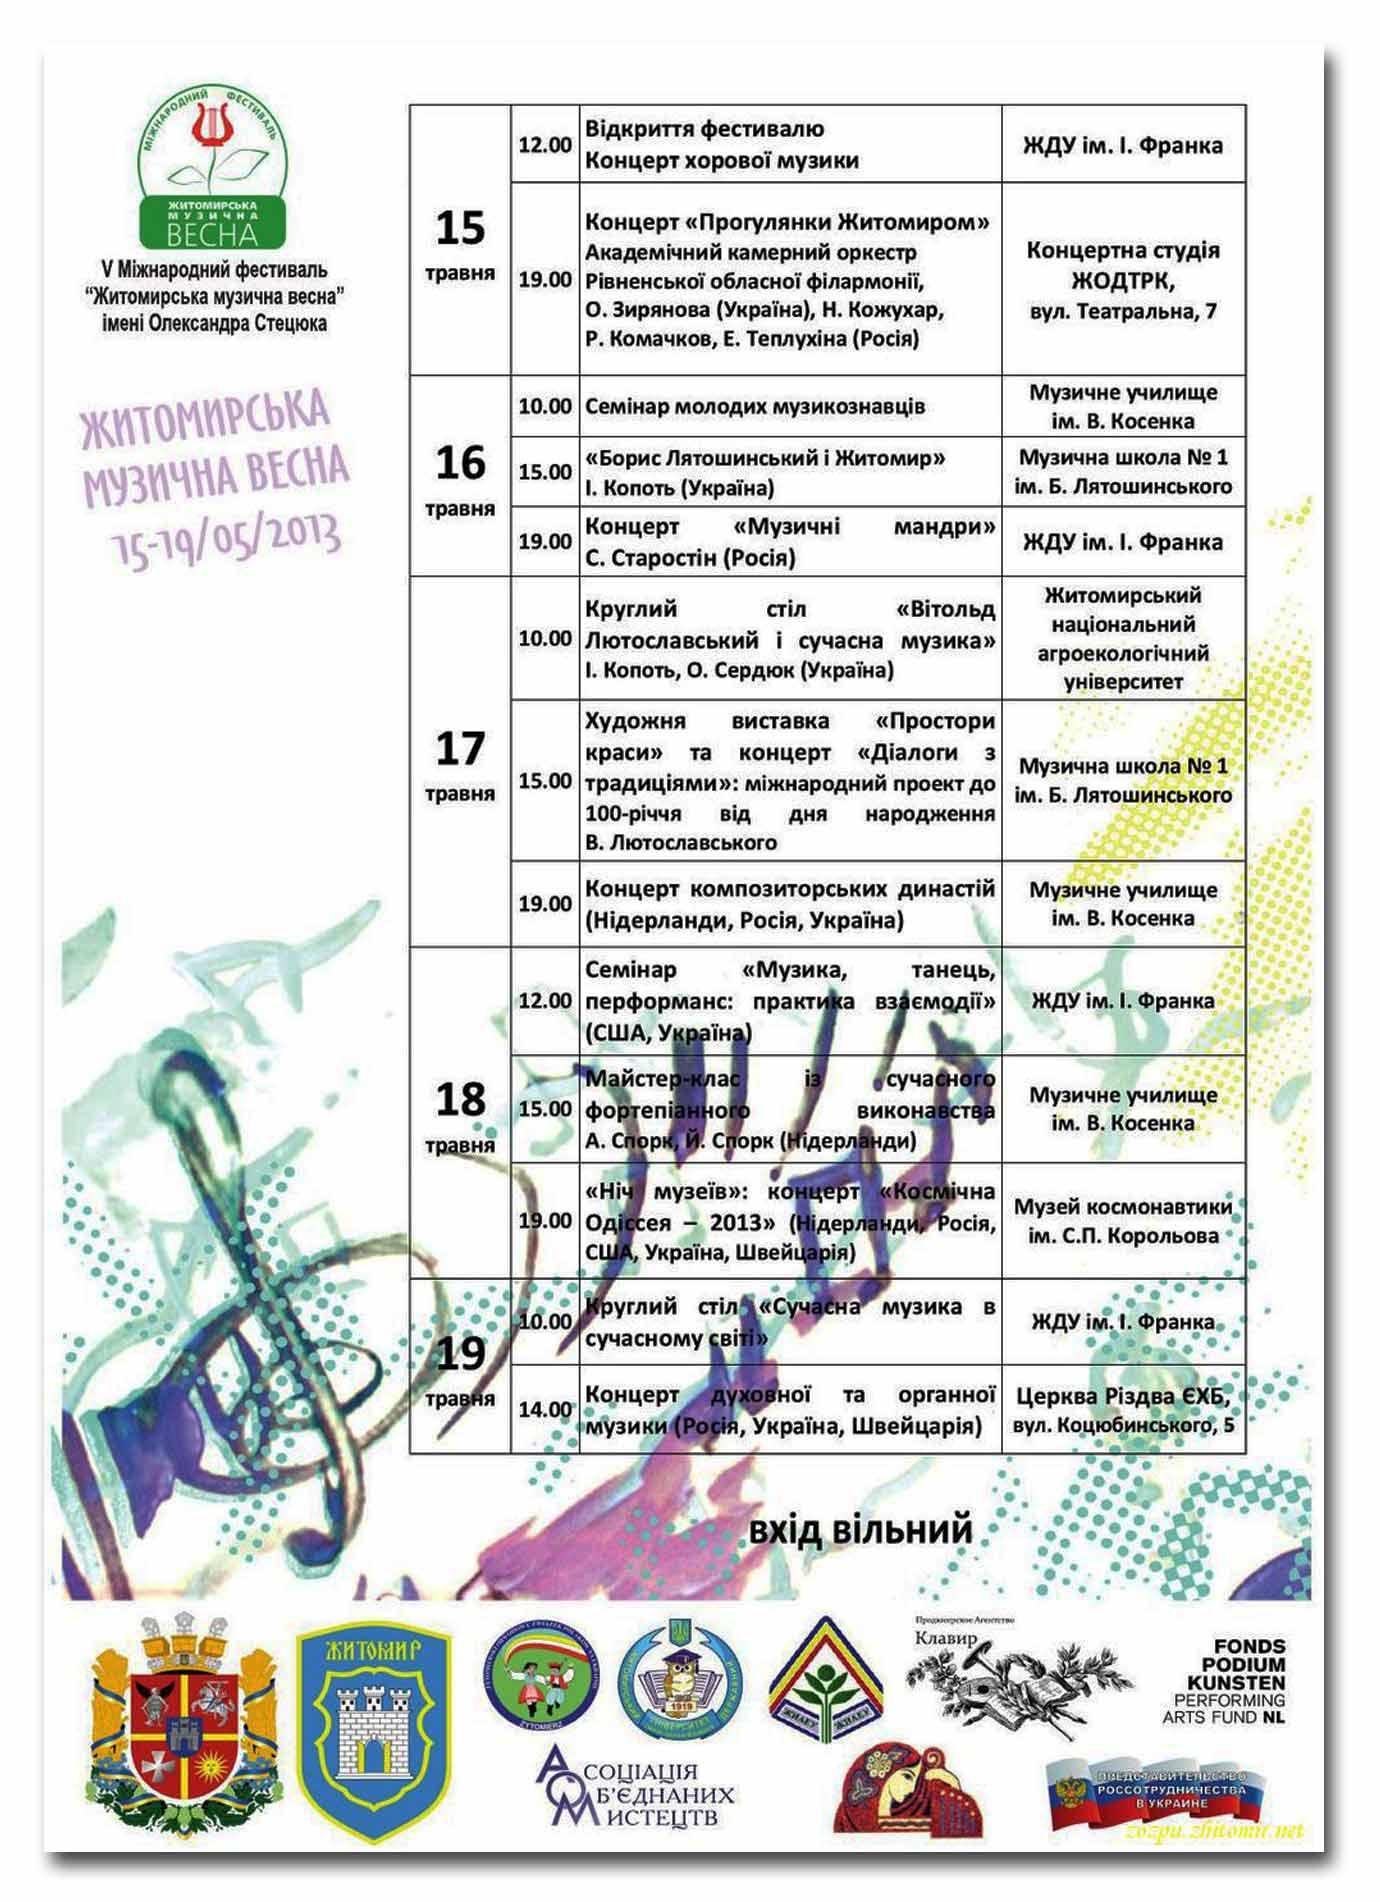 Szczegółowy program festiwalu. Kliknąć myszką